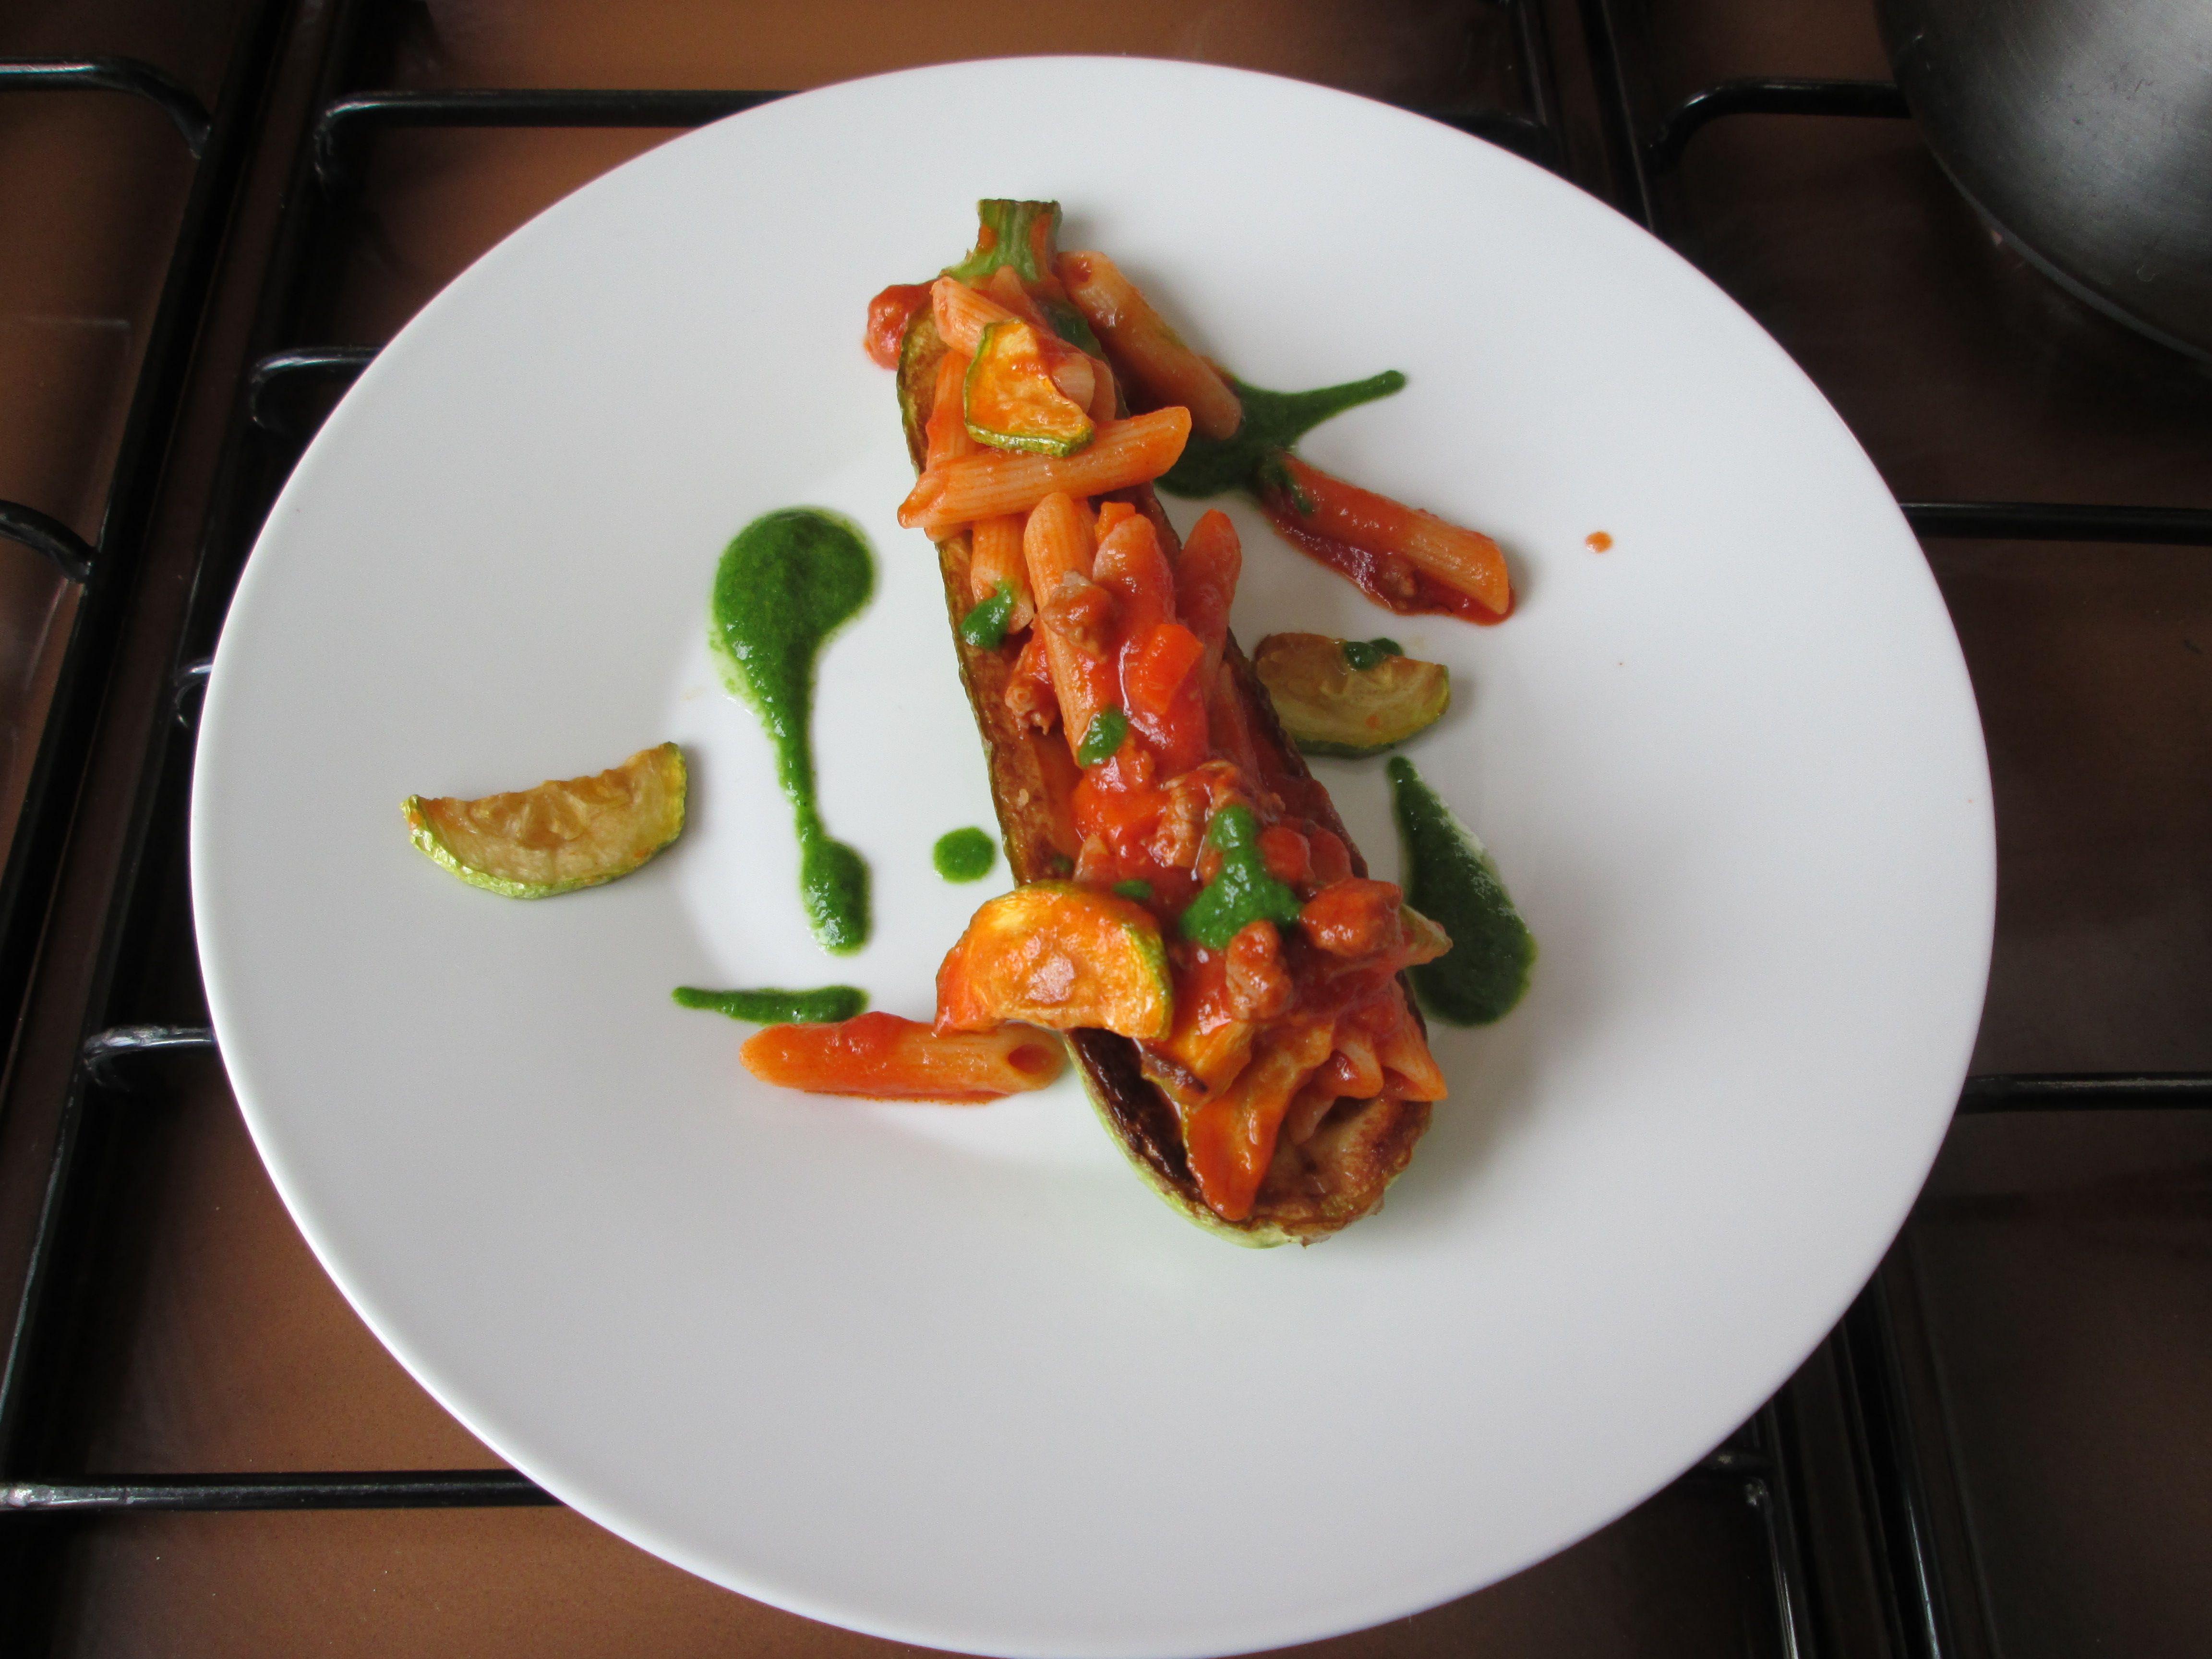 Pàtes  Penne avec  ragòut à la  bolognaise courgette  frits  et  pesto de  roquette Gino D'Aquino